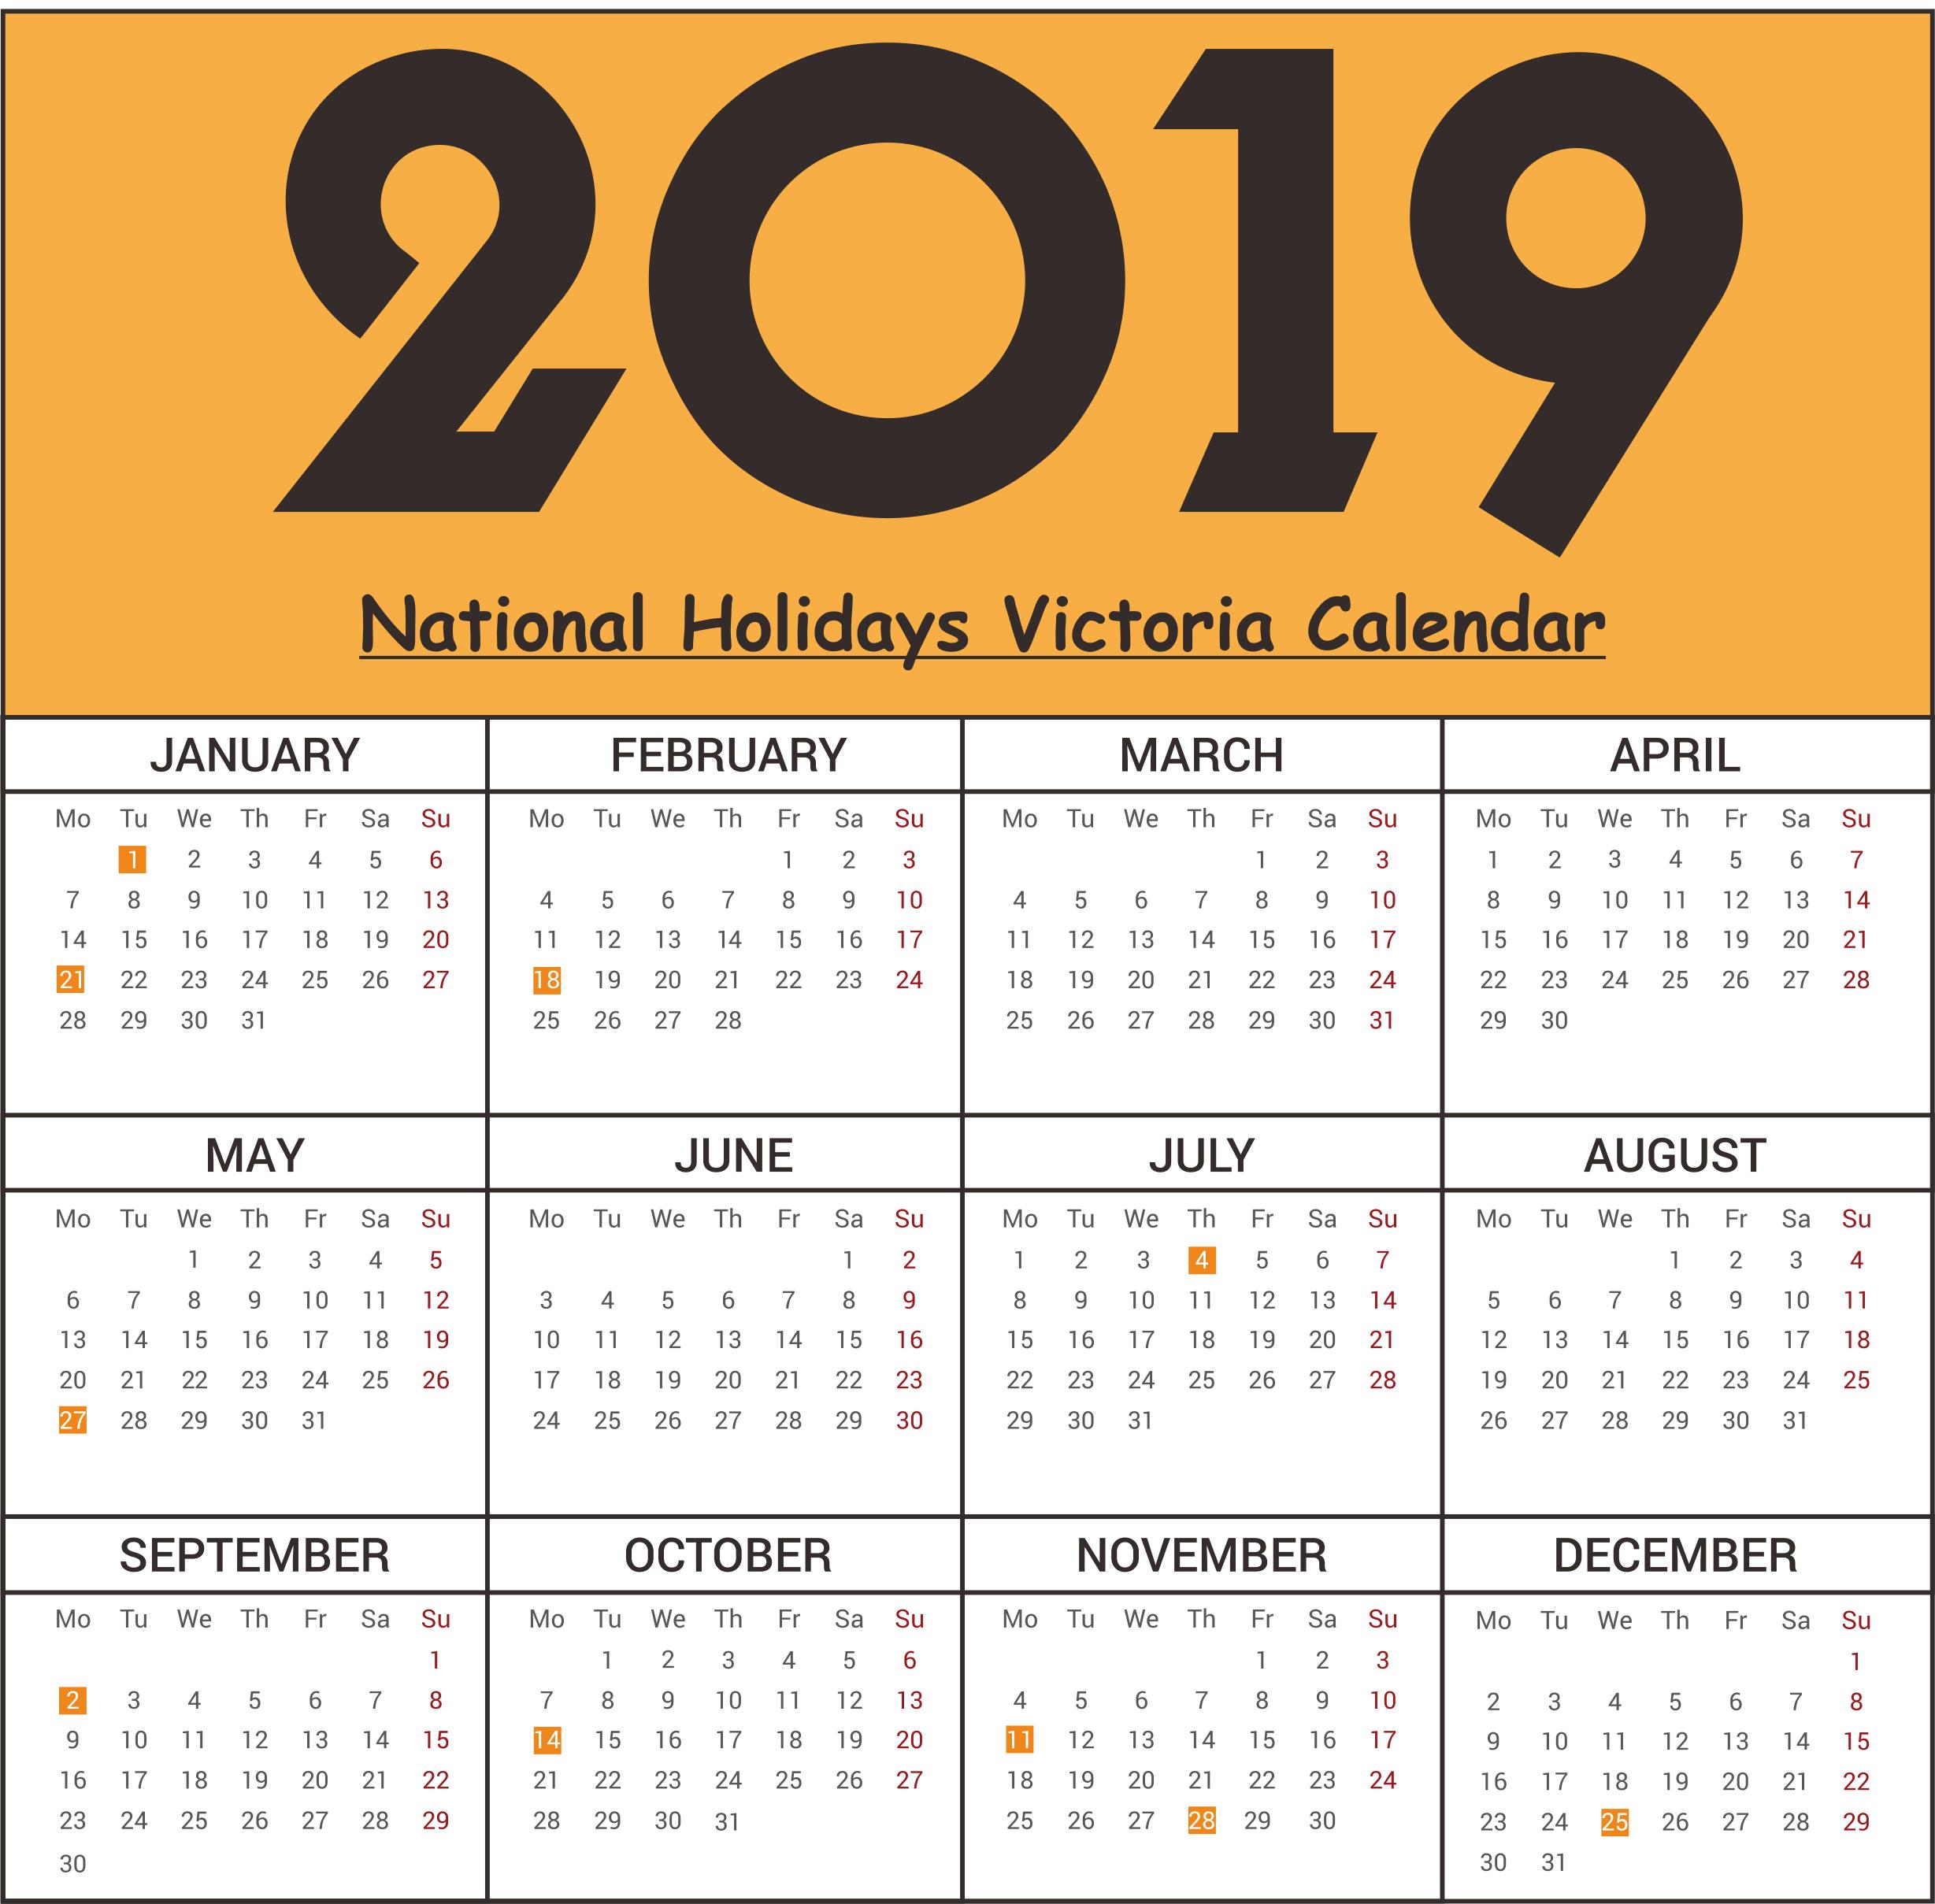 National Holidays Victoria 2019 Printable